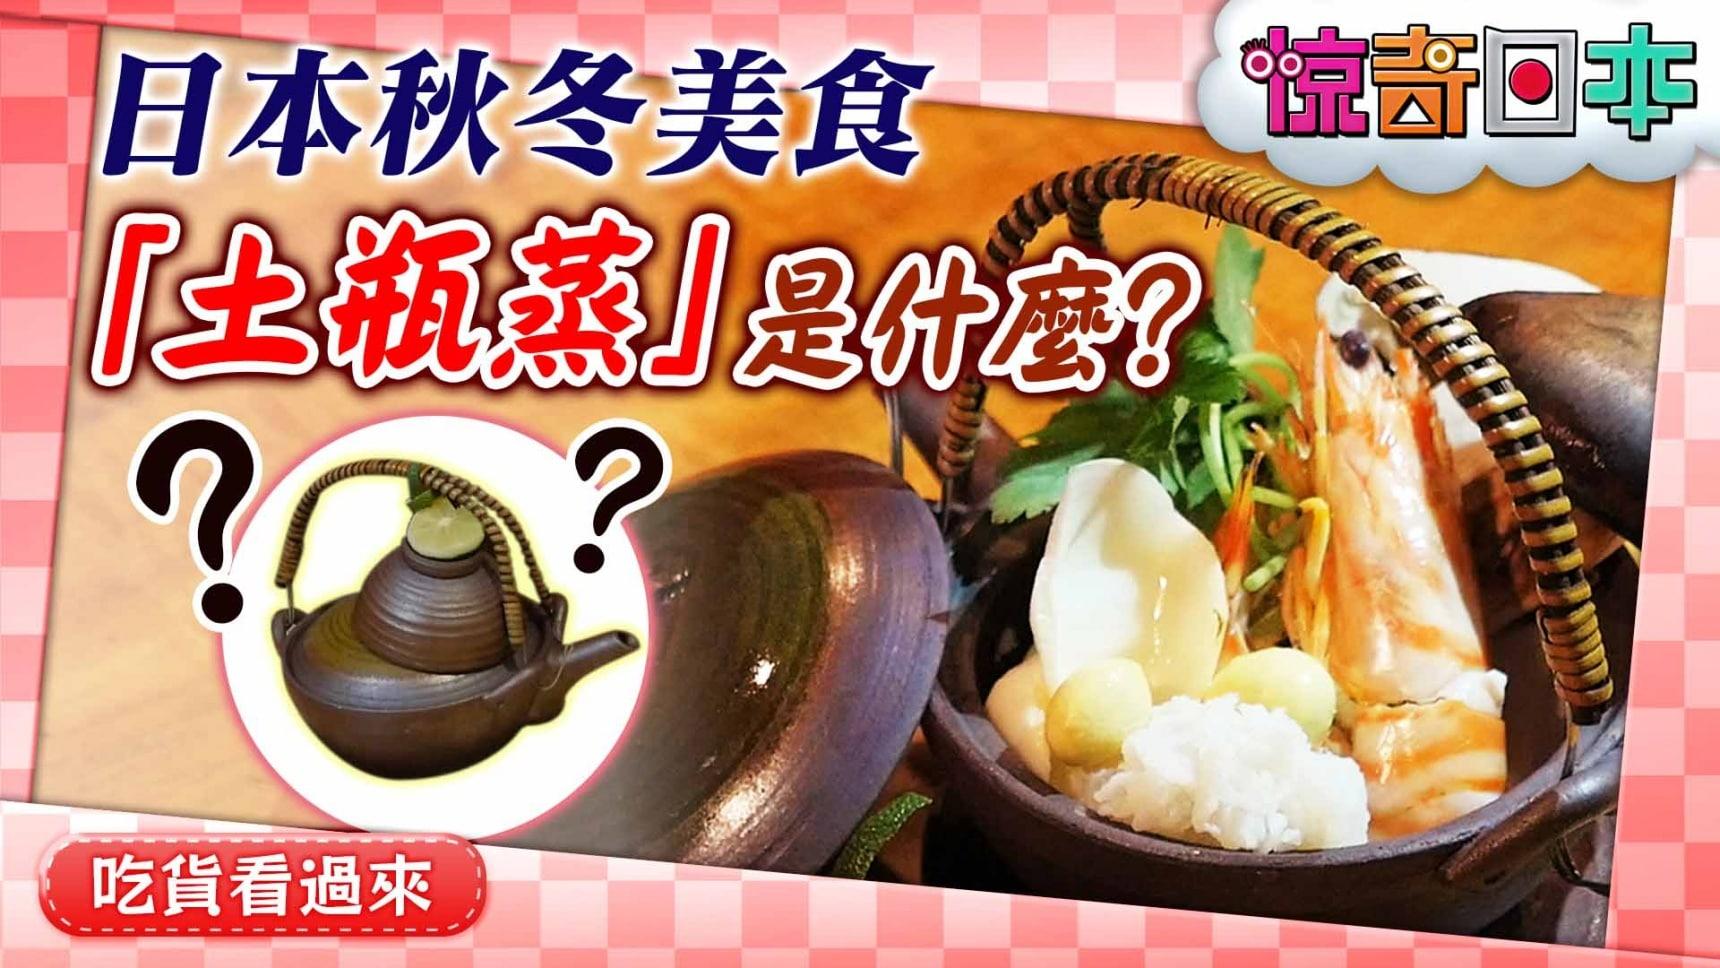 日本秋冬必吃美食「土瓶蒸」究竟藏了什麼寶?